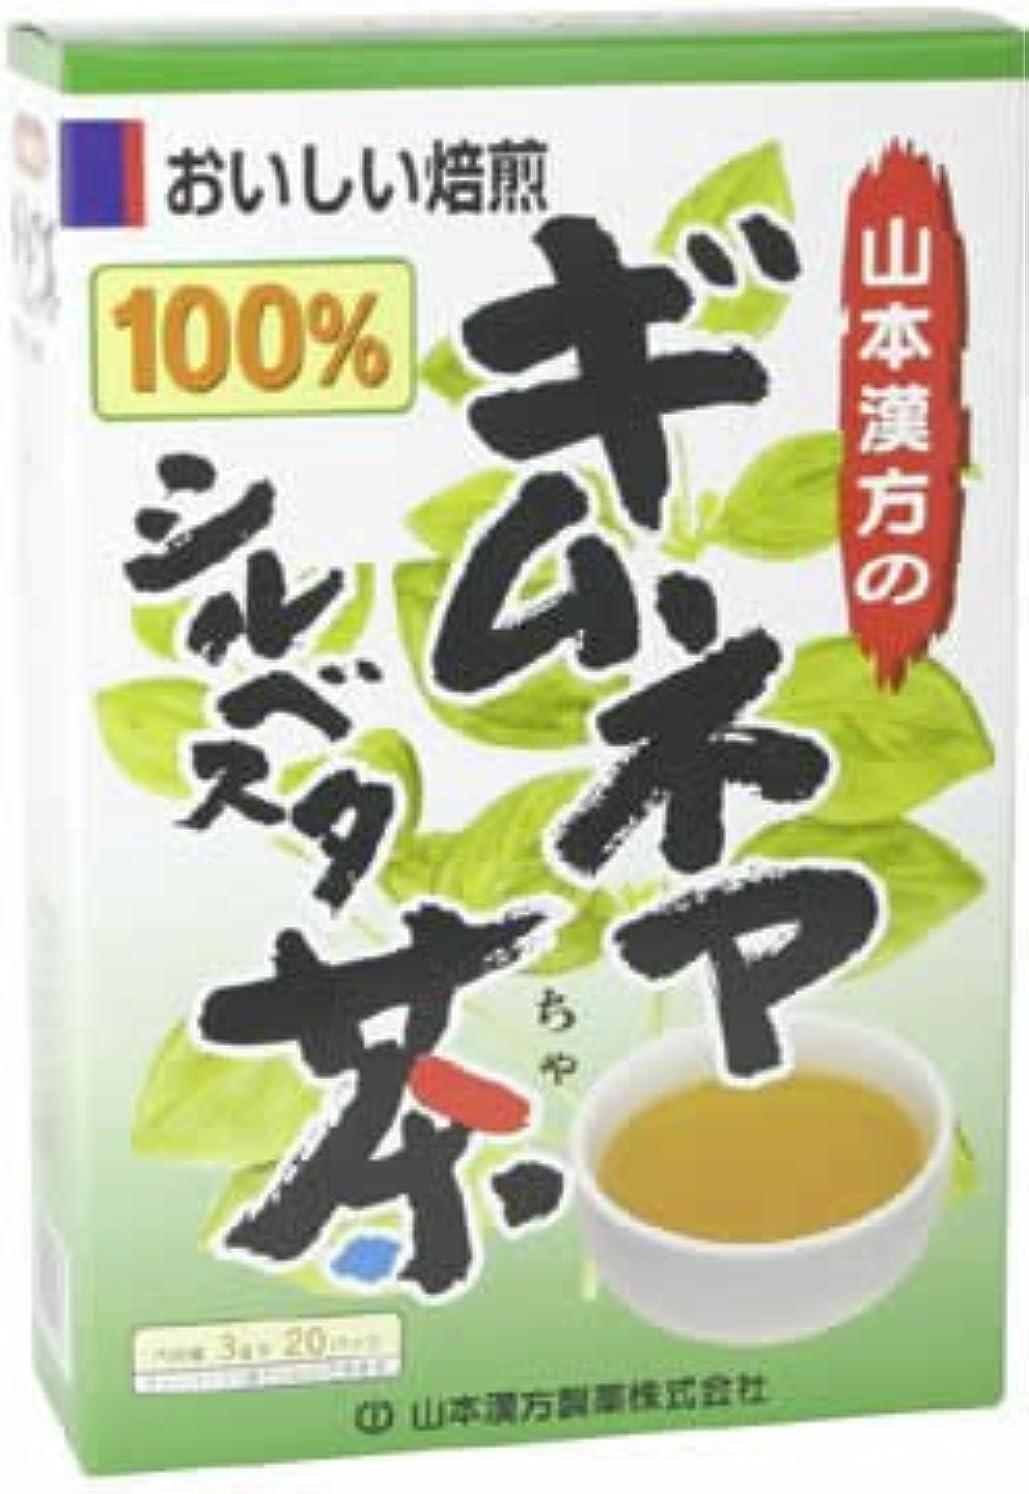 線形自分の力ですべてをする牛山本漢方製薬 ギムネマシルベスタ茶100% 3gX20H